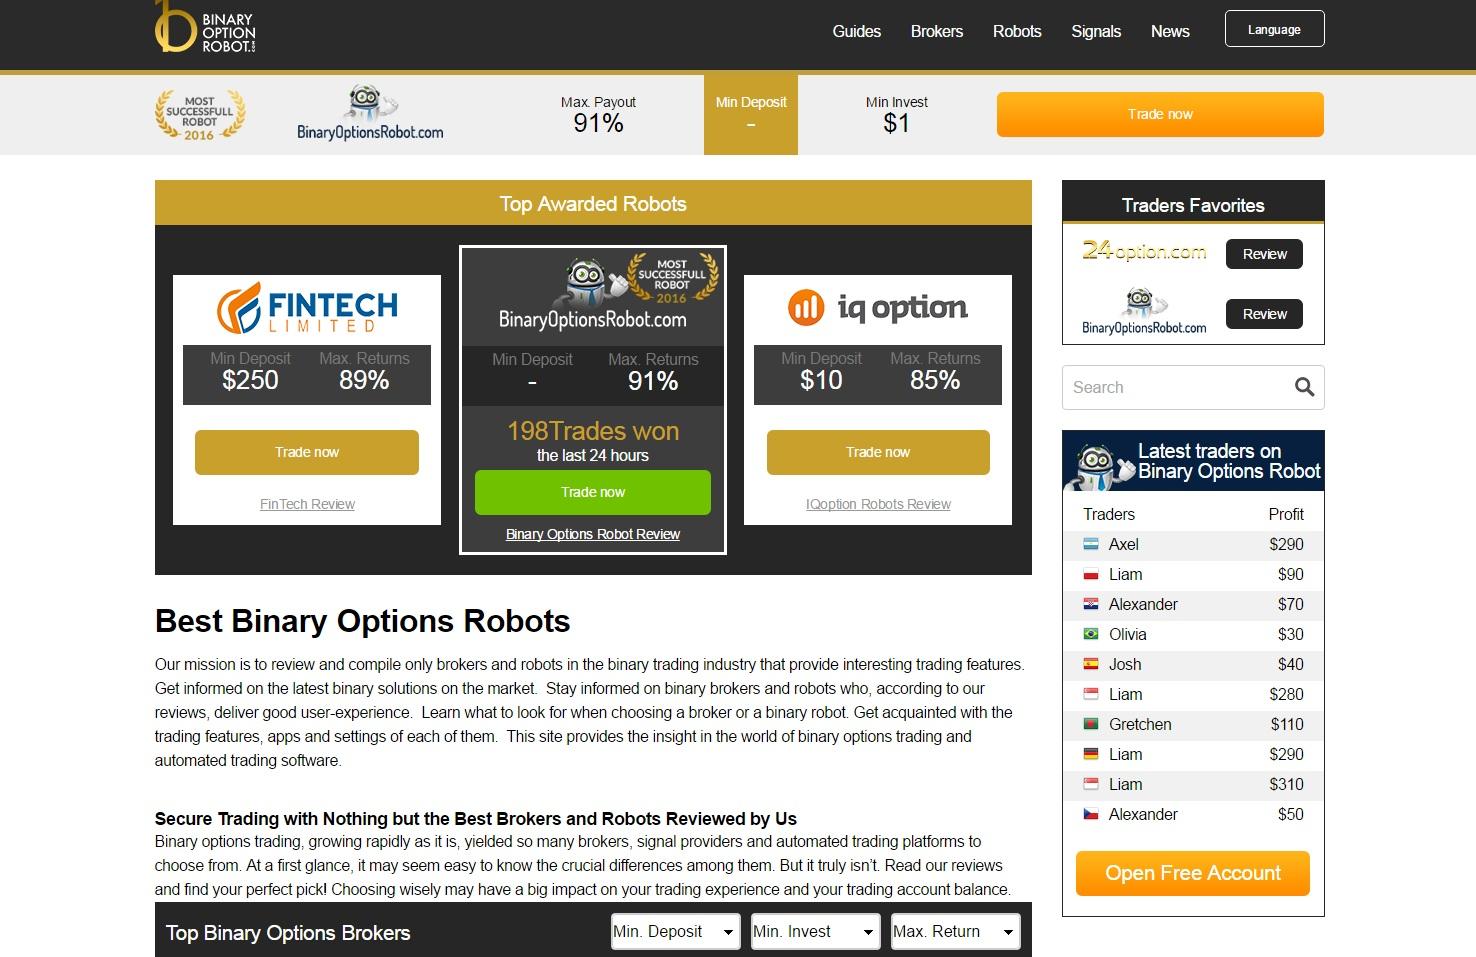 recenzii despre roboți pentru opțiuni binare